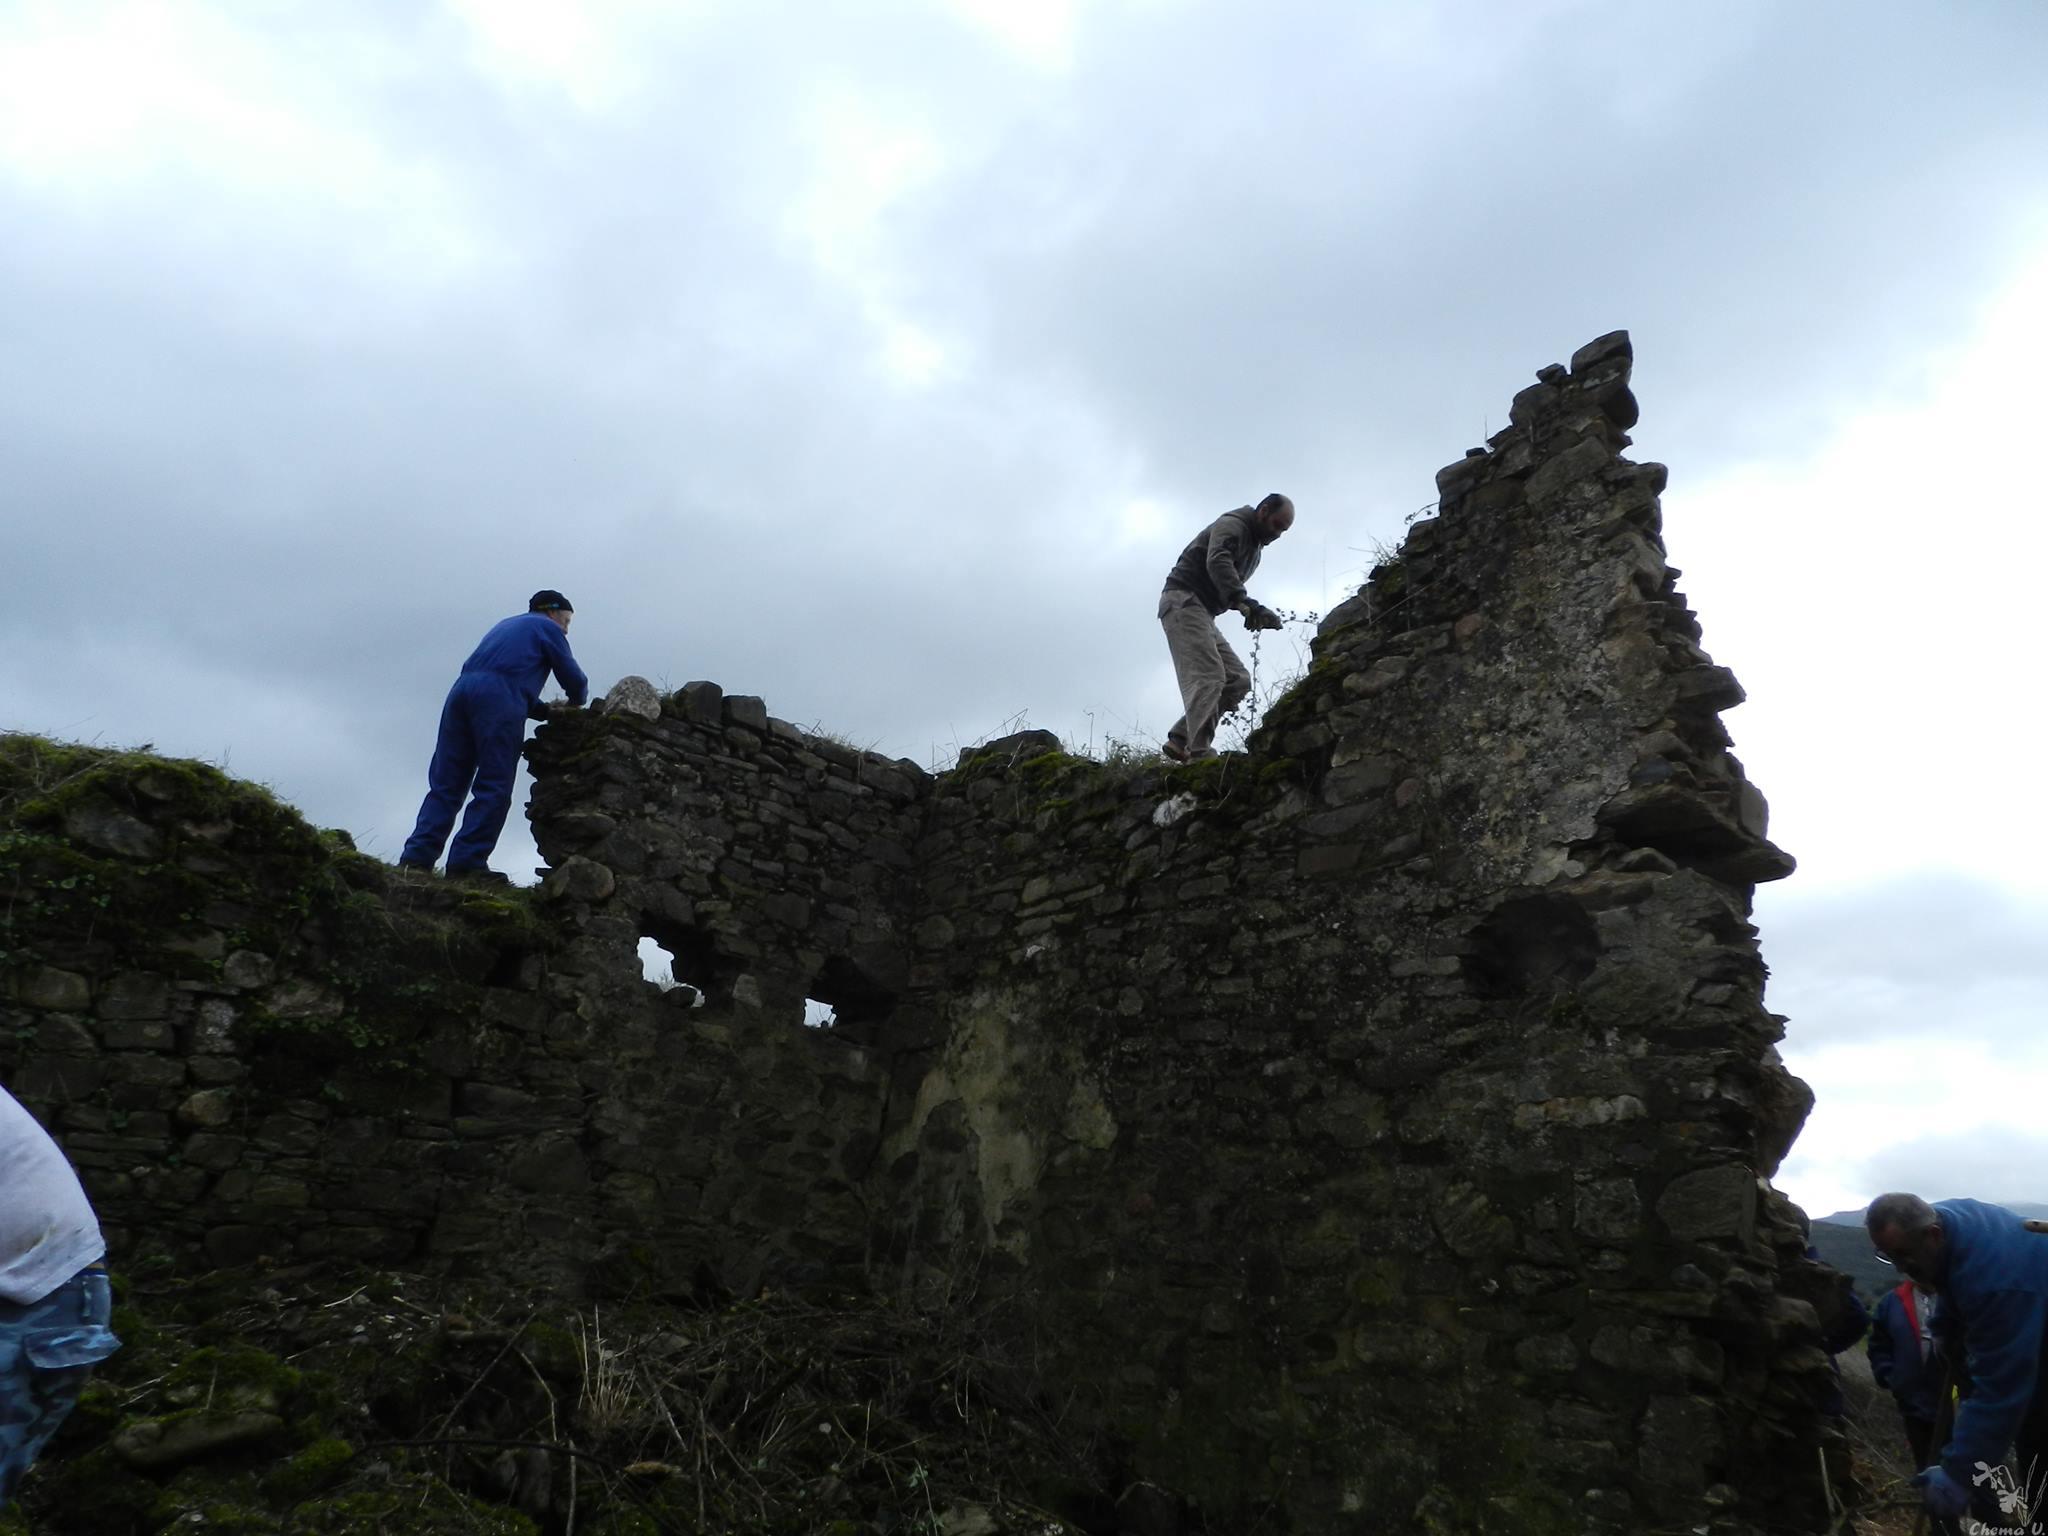 Consolidando algunas piedras que peligraban caer. Foto: Chema Vicente.